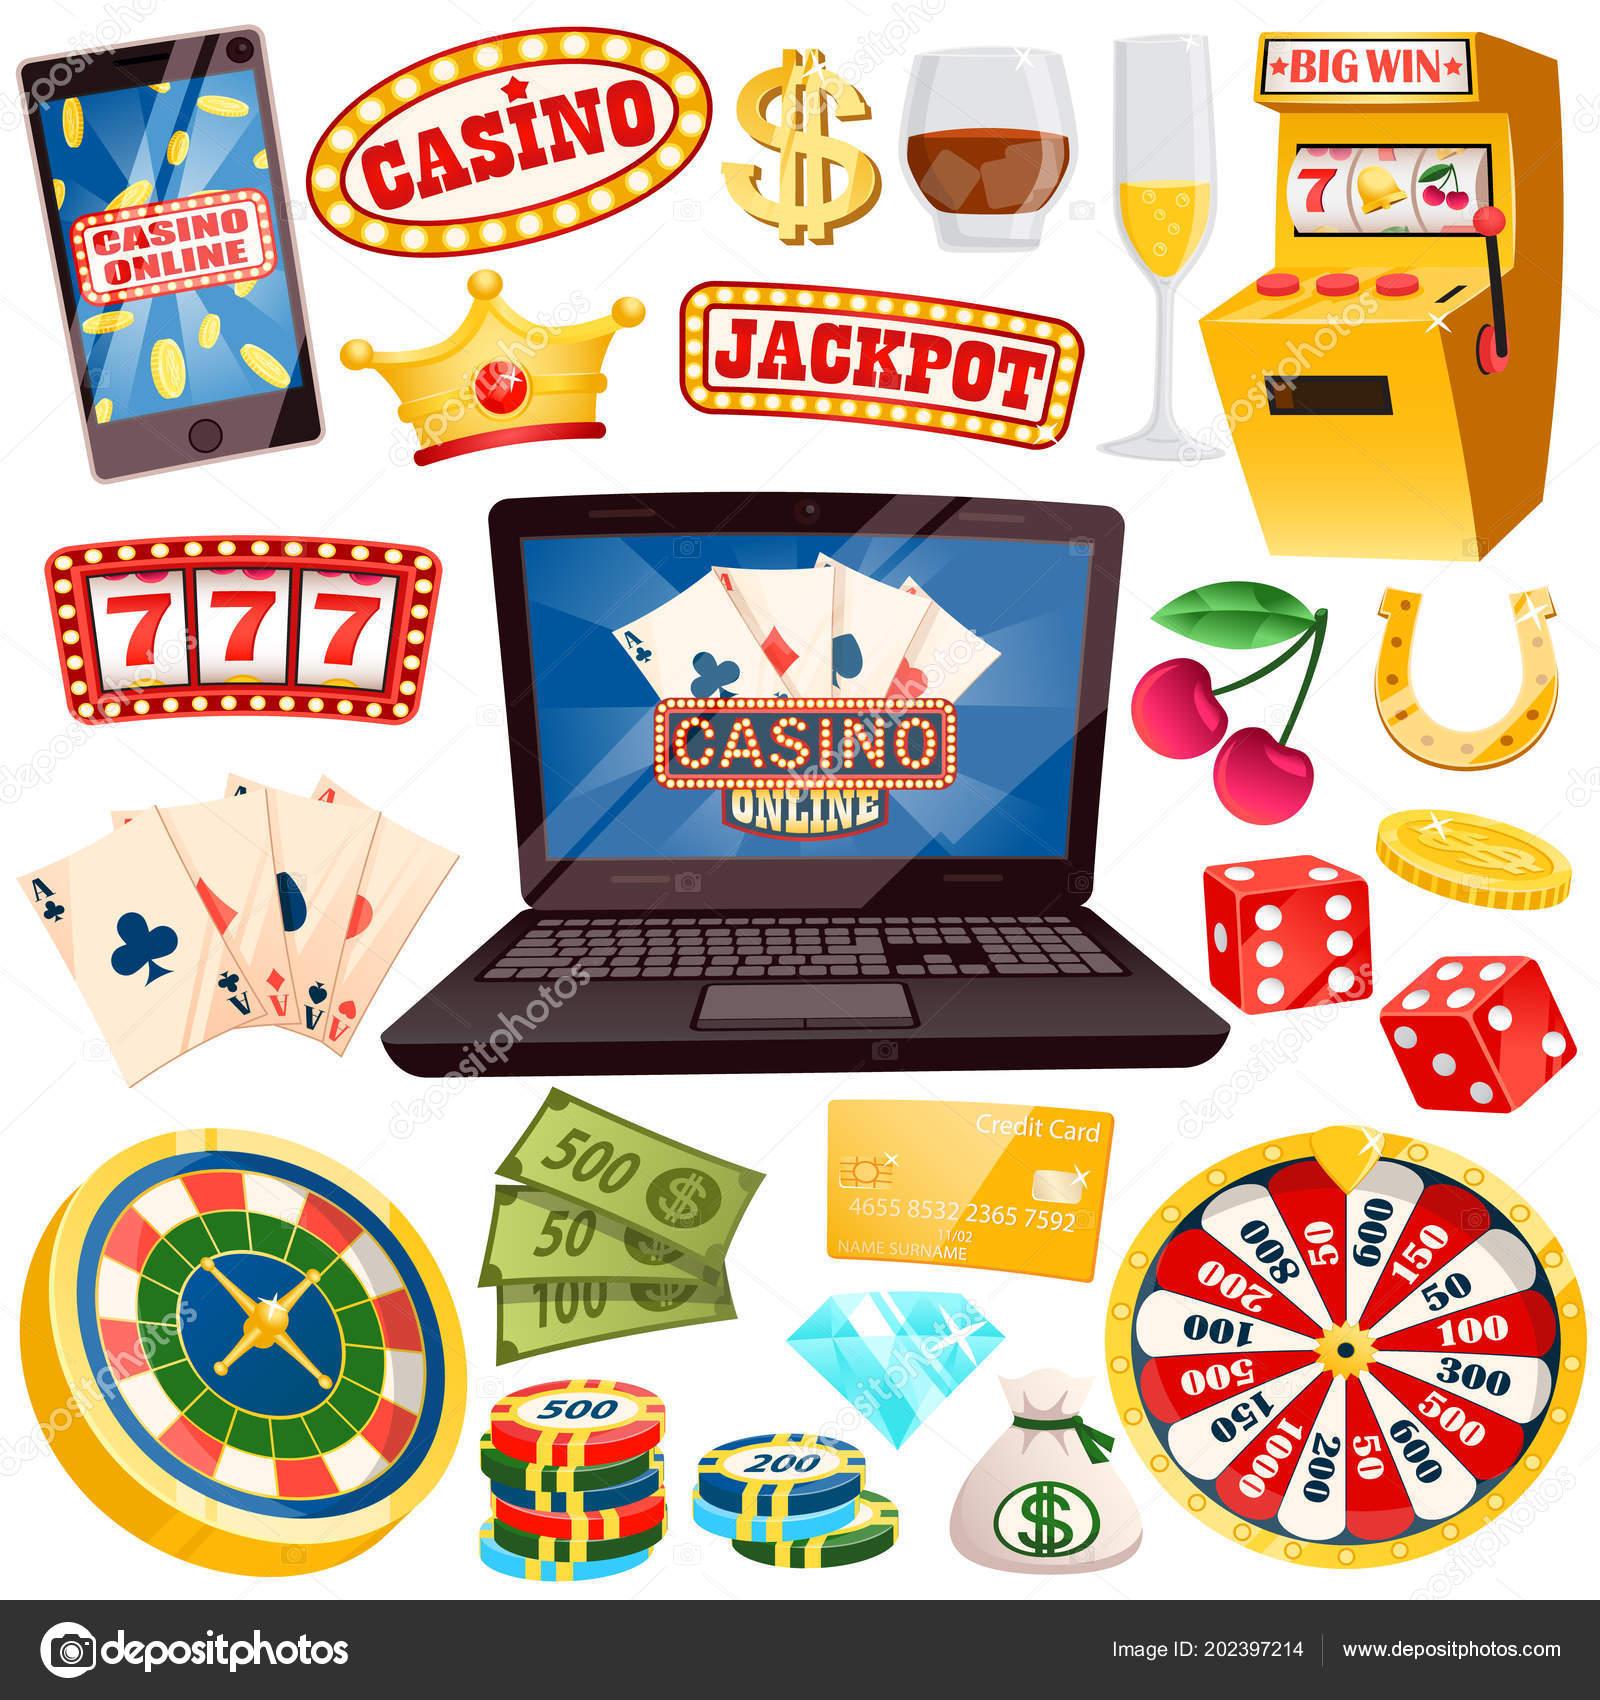 Лаки дринк игровые автоматы играть бесплатно